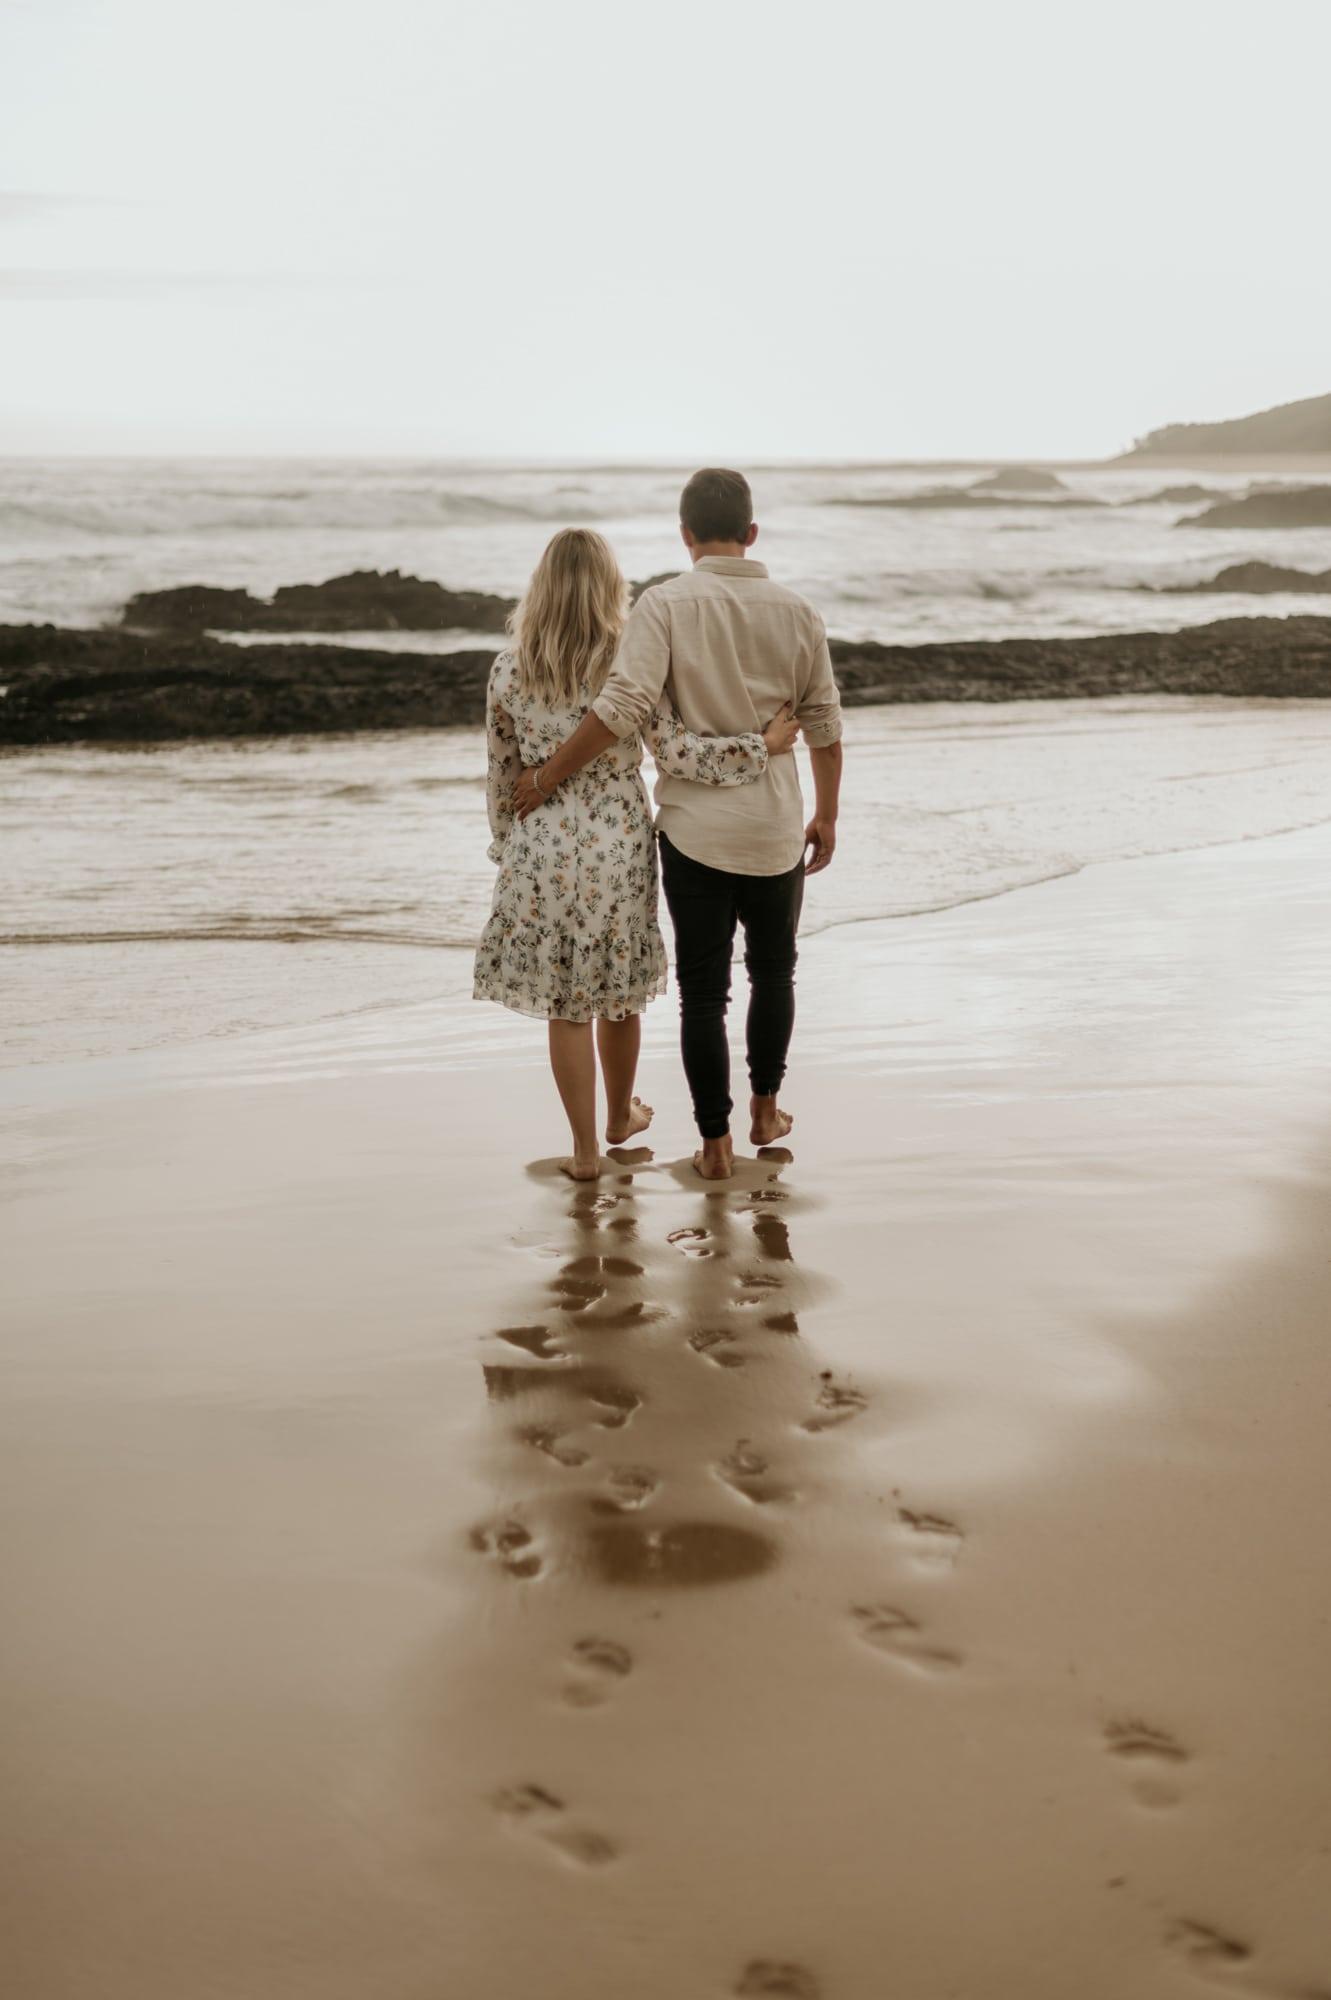 M+J-Couple-Session-June-Richards-Photography-Destination-Weddings-Elopements-Garden-Route-16